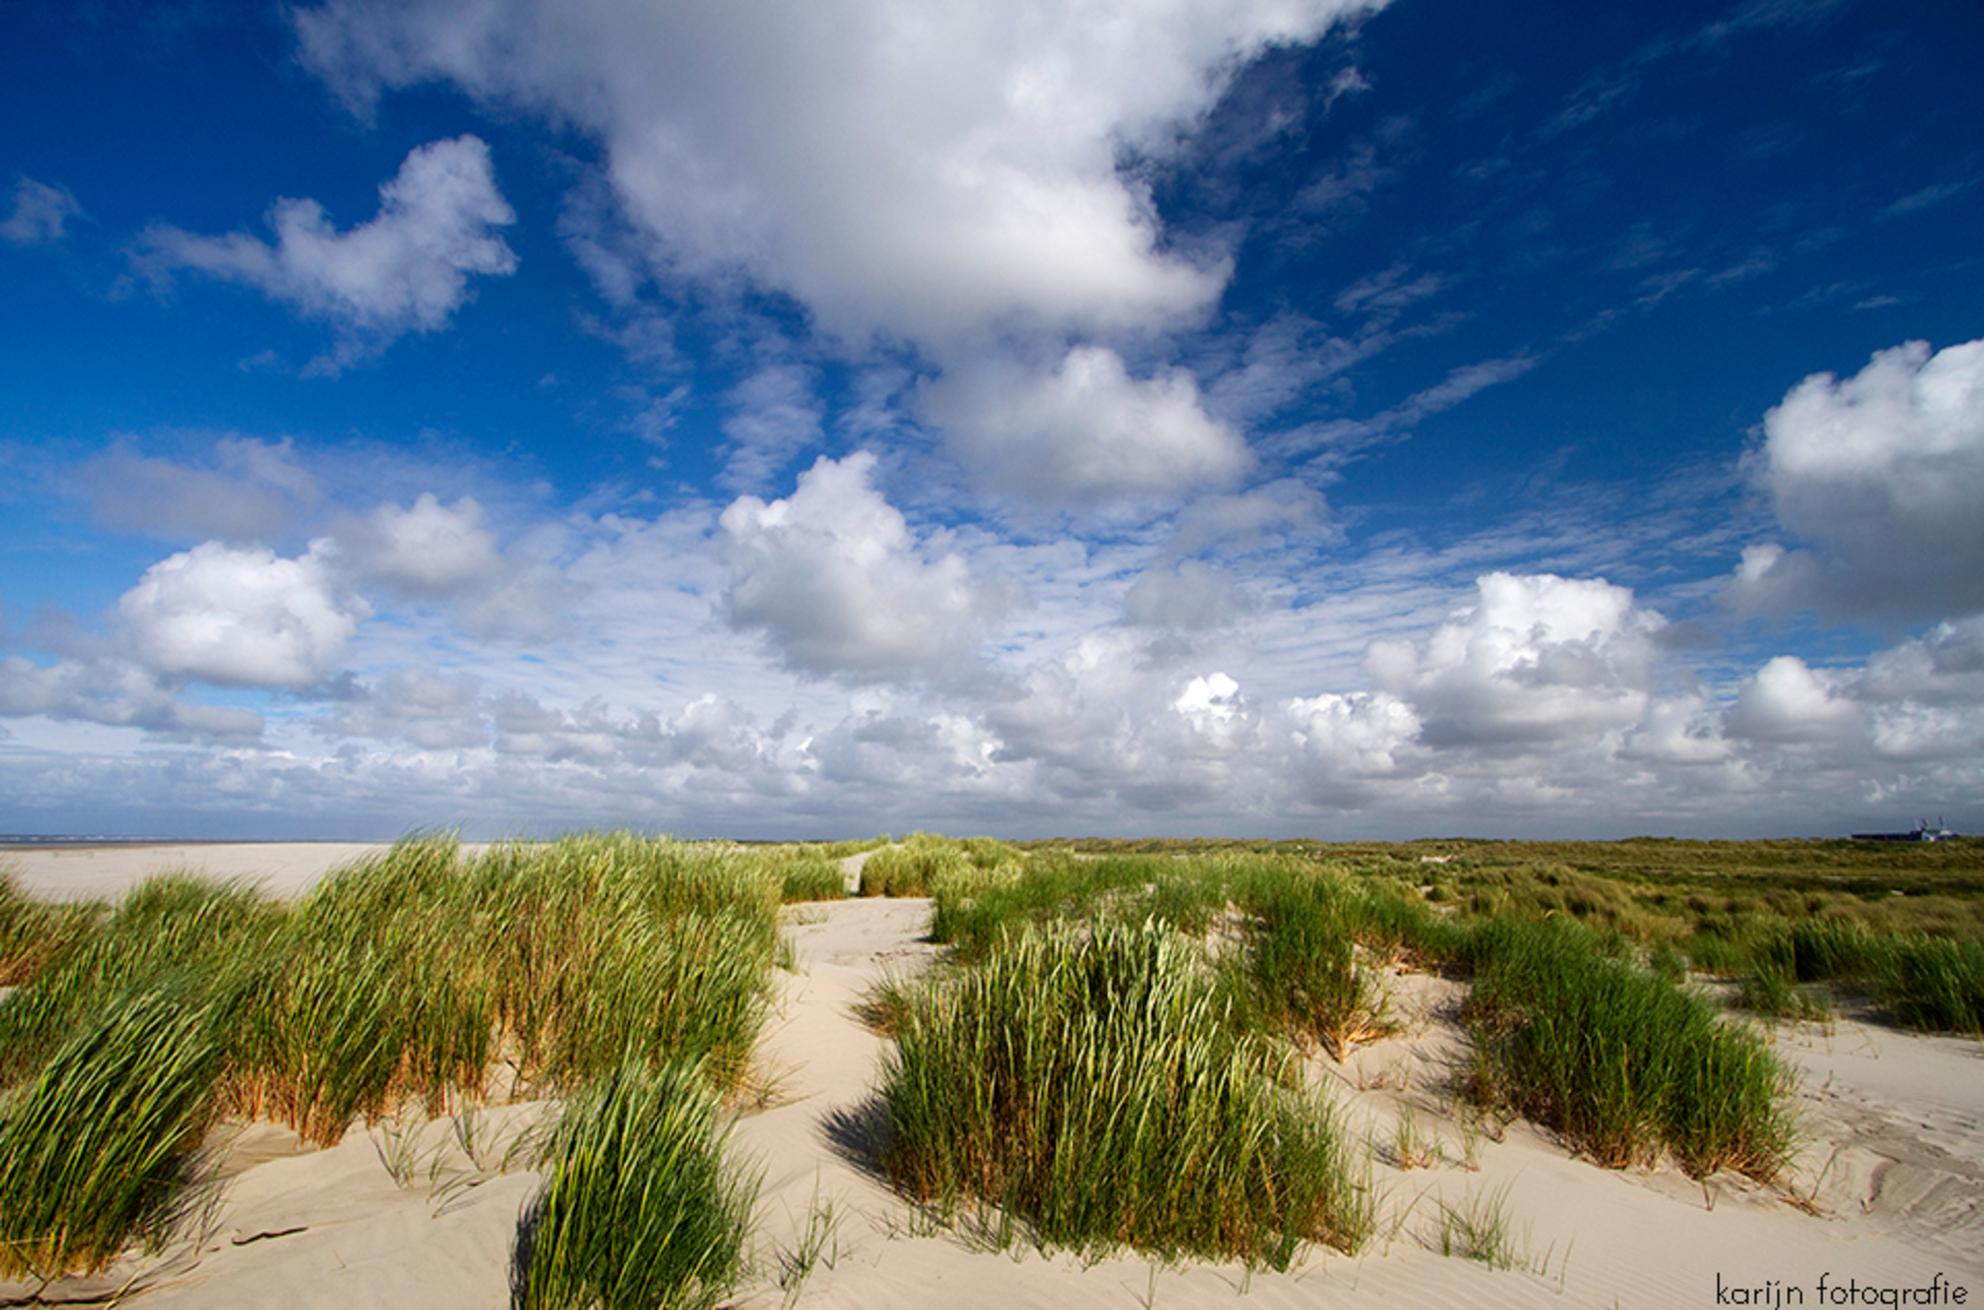 strand - Een dag aan zee - foto door karijn op 28-03-2017 - deze foto bevat: groen, lucht, wolken, blauw, zon, strand, zee, water, natuur, licht, vakantie, landschap, duinen, zomer, voorjaar, zand, canon, nederland, wadden, eiland, waddeneiland, kikvorsperspectief, groothoek lens - Deze foto mag gebruikt worden in een Zoom.nl publicatie